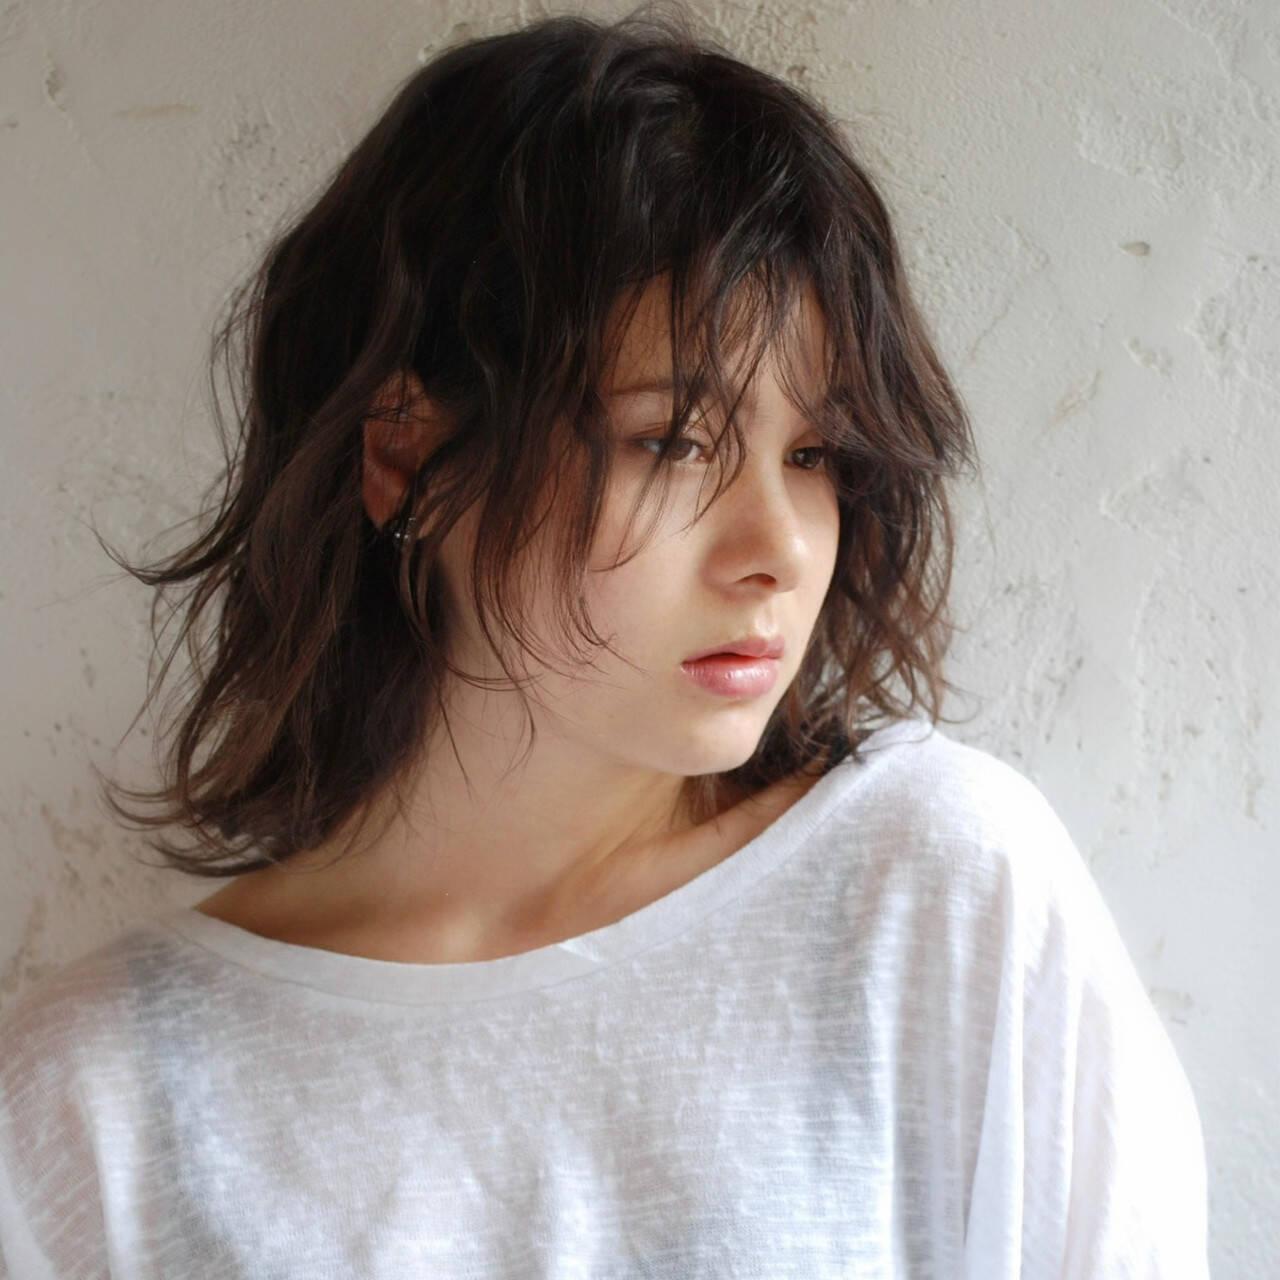 ミディアム ウルフカット 小顔ヘア ゆるふわパーマヘアスタイルや髪型の写真・画像